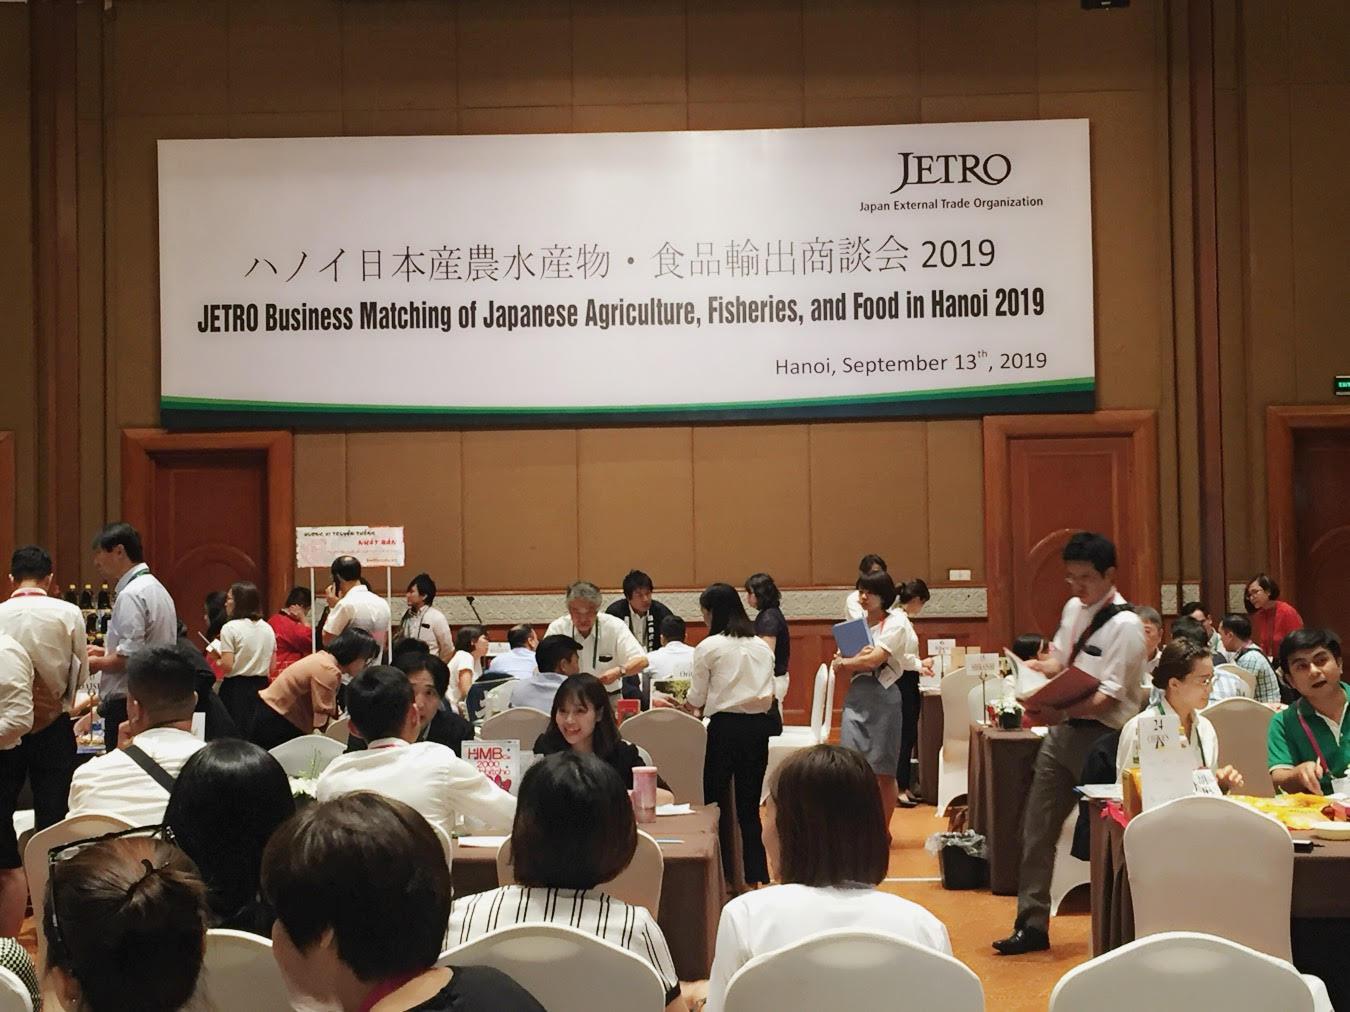 Doanh nghiệp Nhật Bản kỳ vọng mở rộng tiềm năng xuất khẩu vào Việt Nam